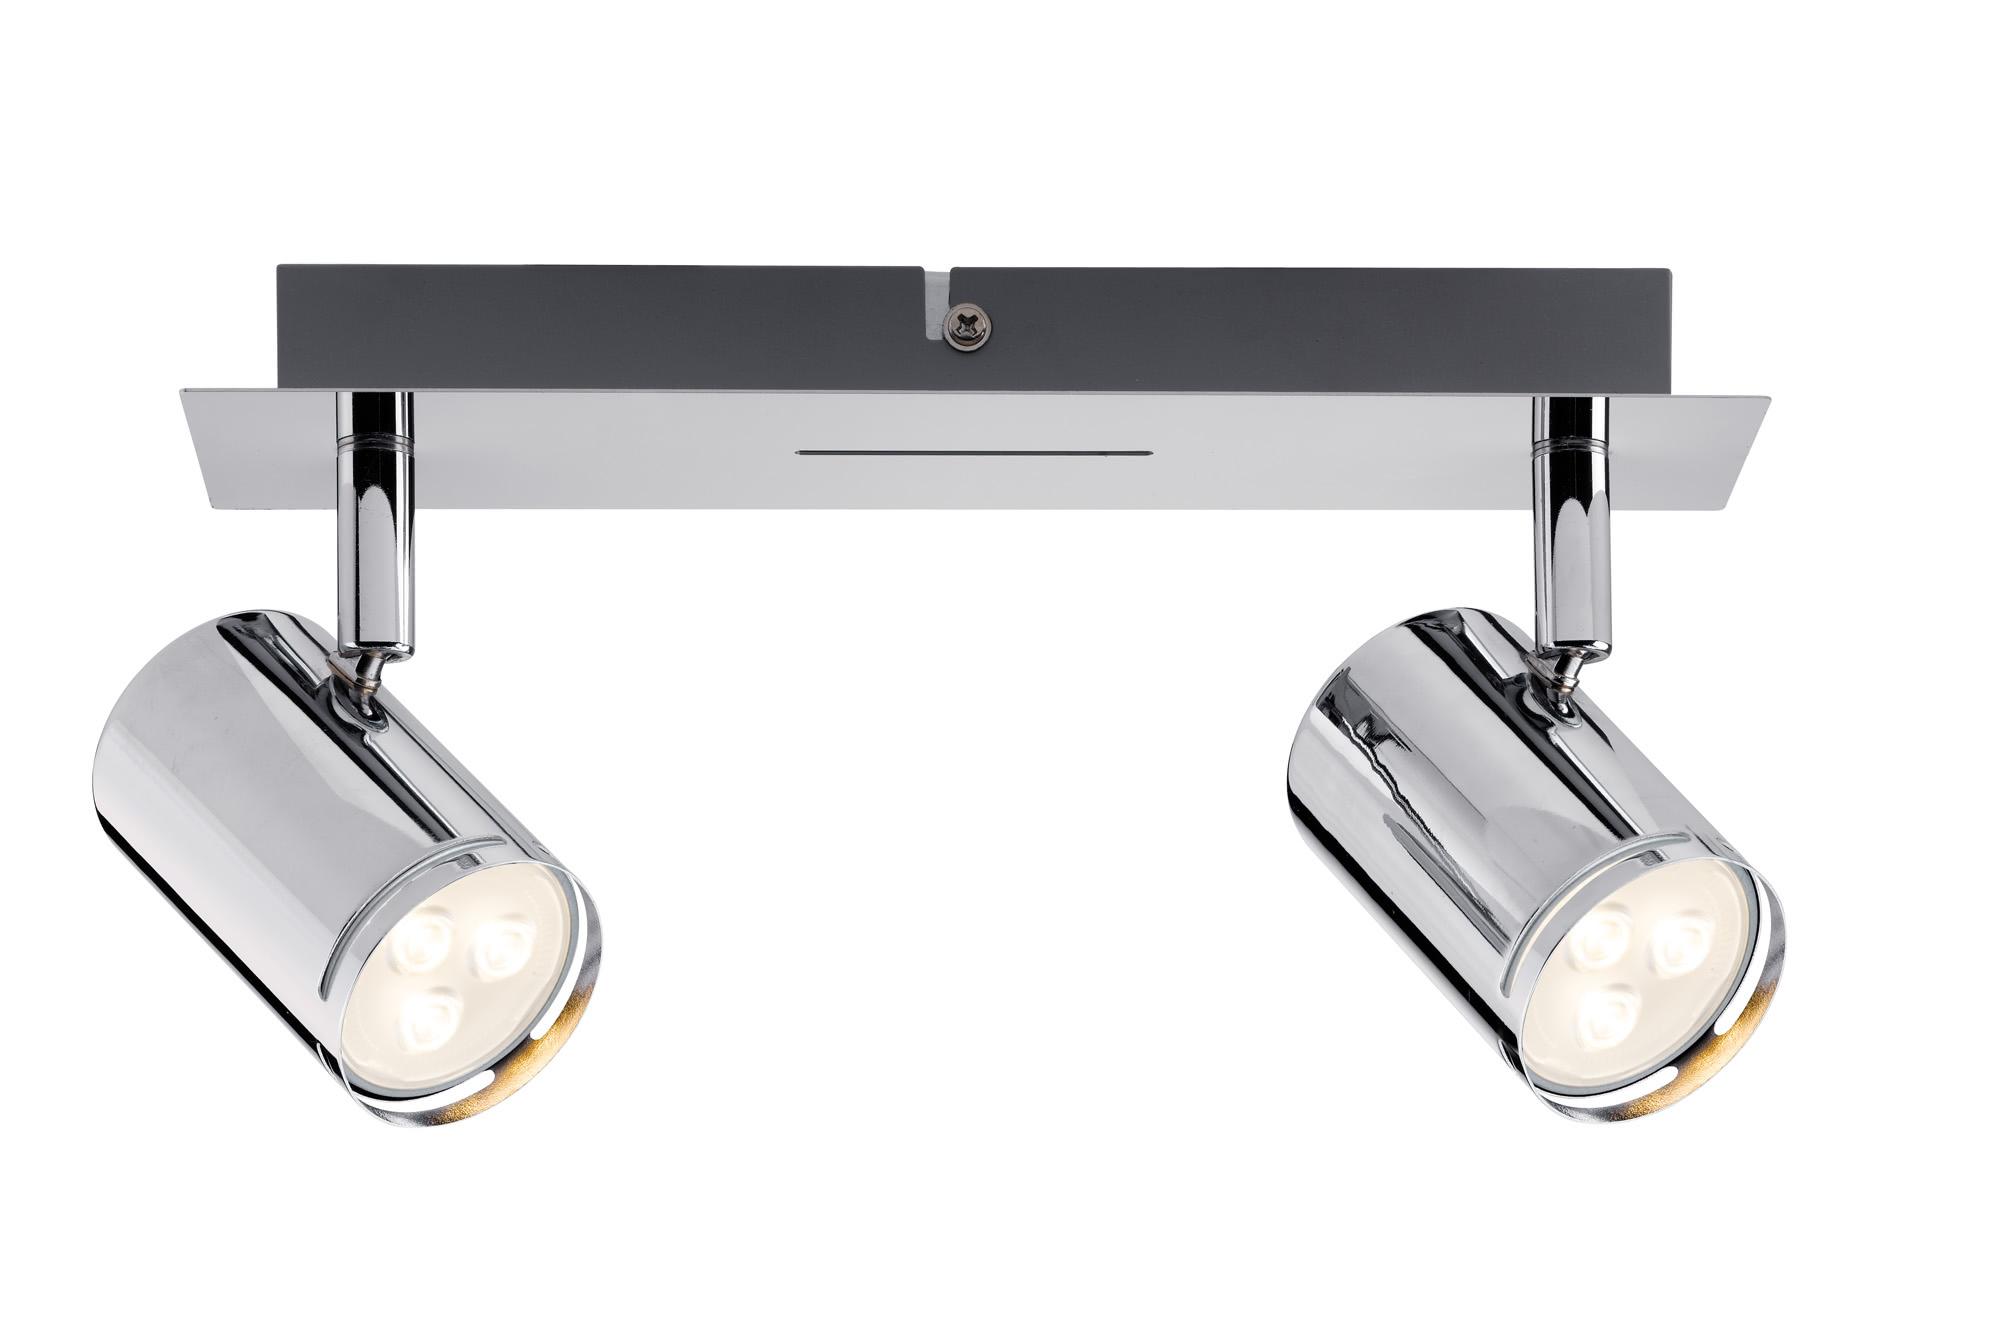 Paulmann. 60183 Светильник настенно - потолочный Rondo LED Balken 2x3,5W GU10, хром